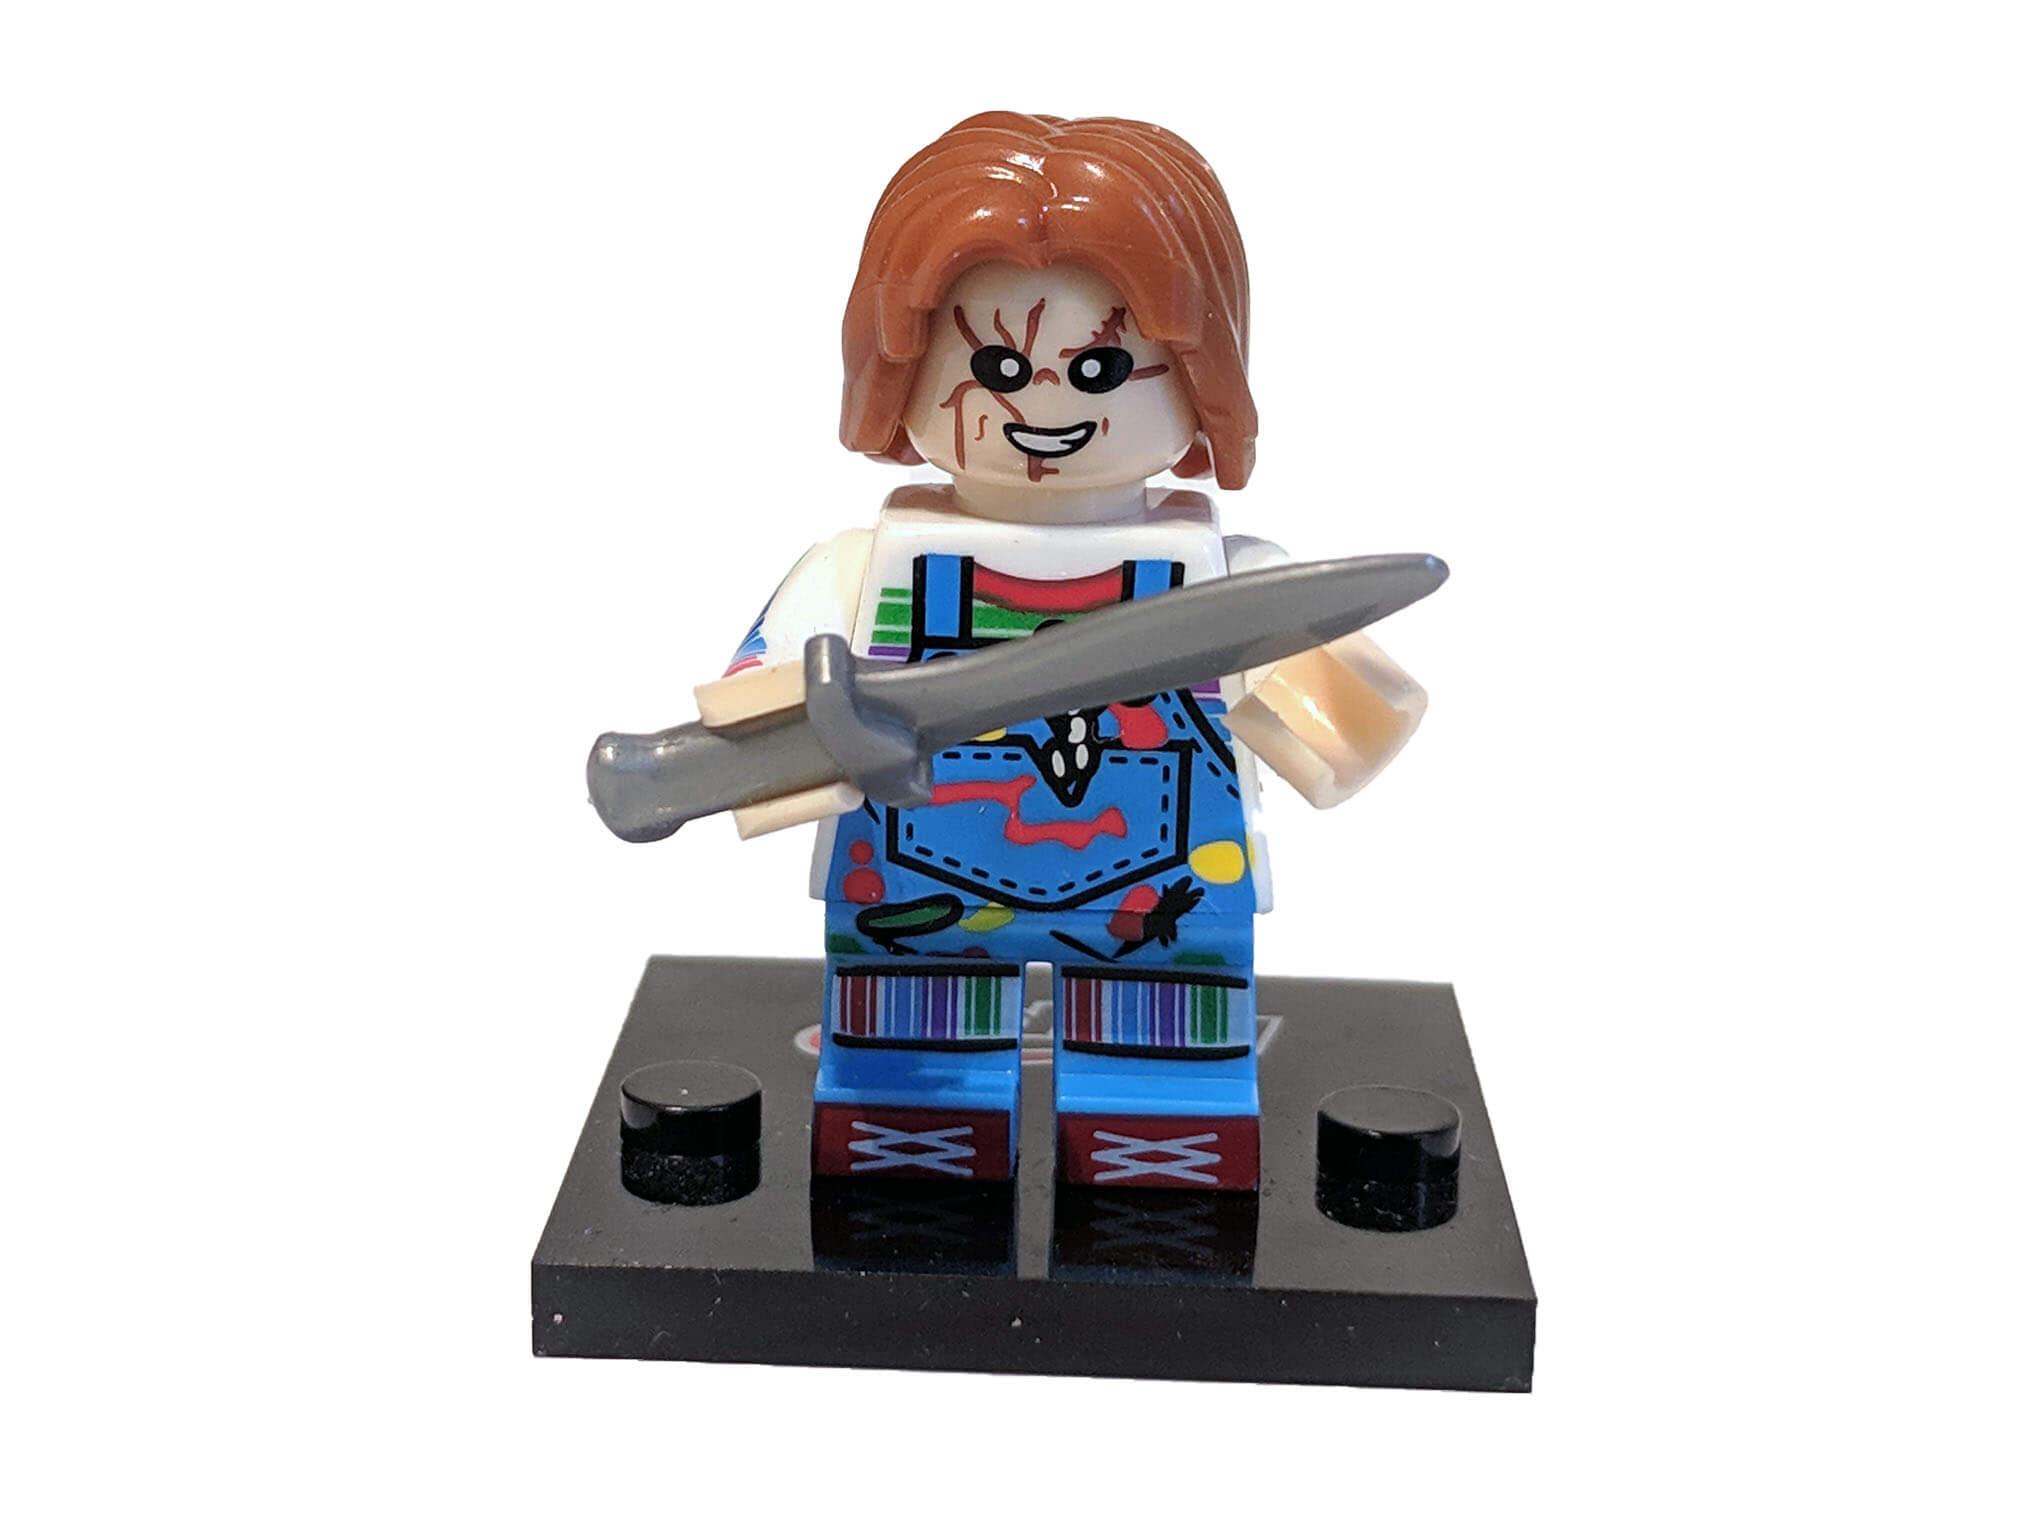 LEGO-Chucky.jpg